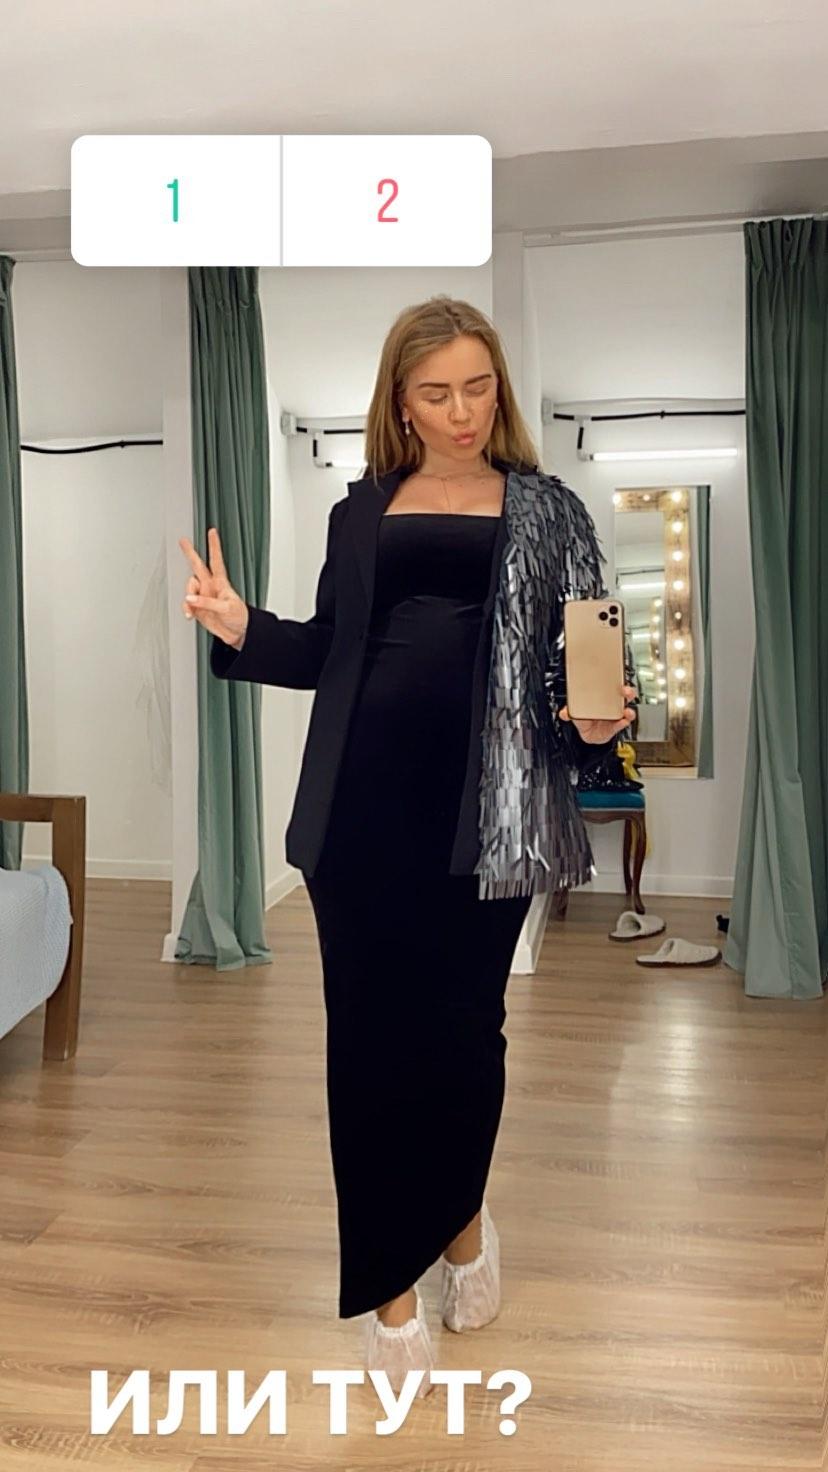 Кристина Дудкова @kristitheone в шоуруме Story Dress подбирает образ на Cosmopolitan Camp Party